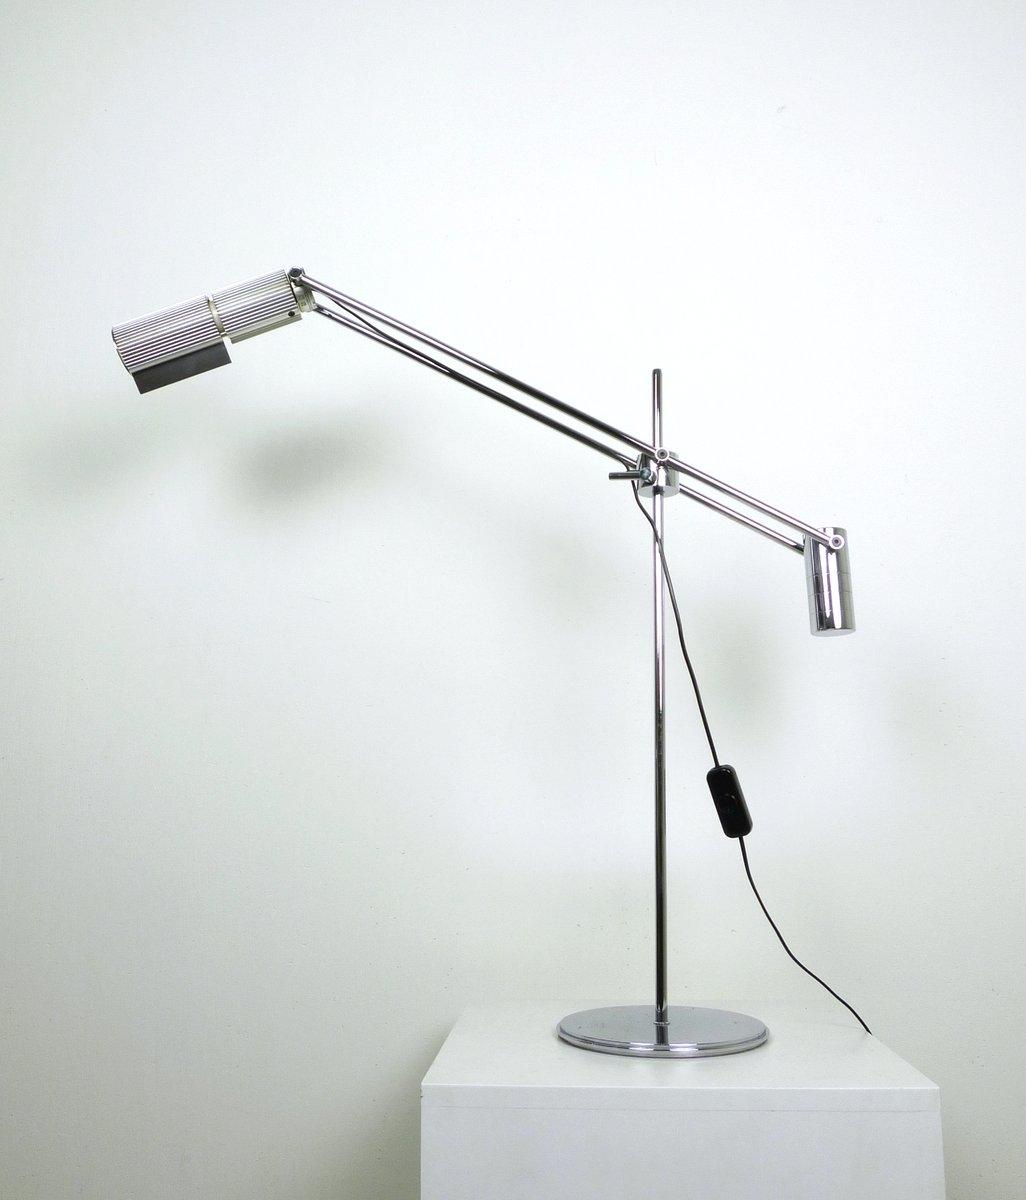 Verstellbare Modell 17508 Schreibtischlampe von Swisslamps Internation...